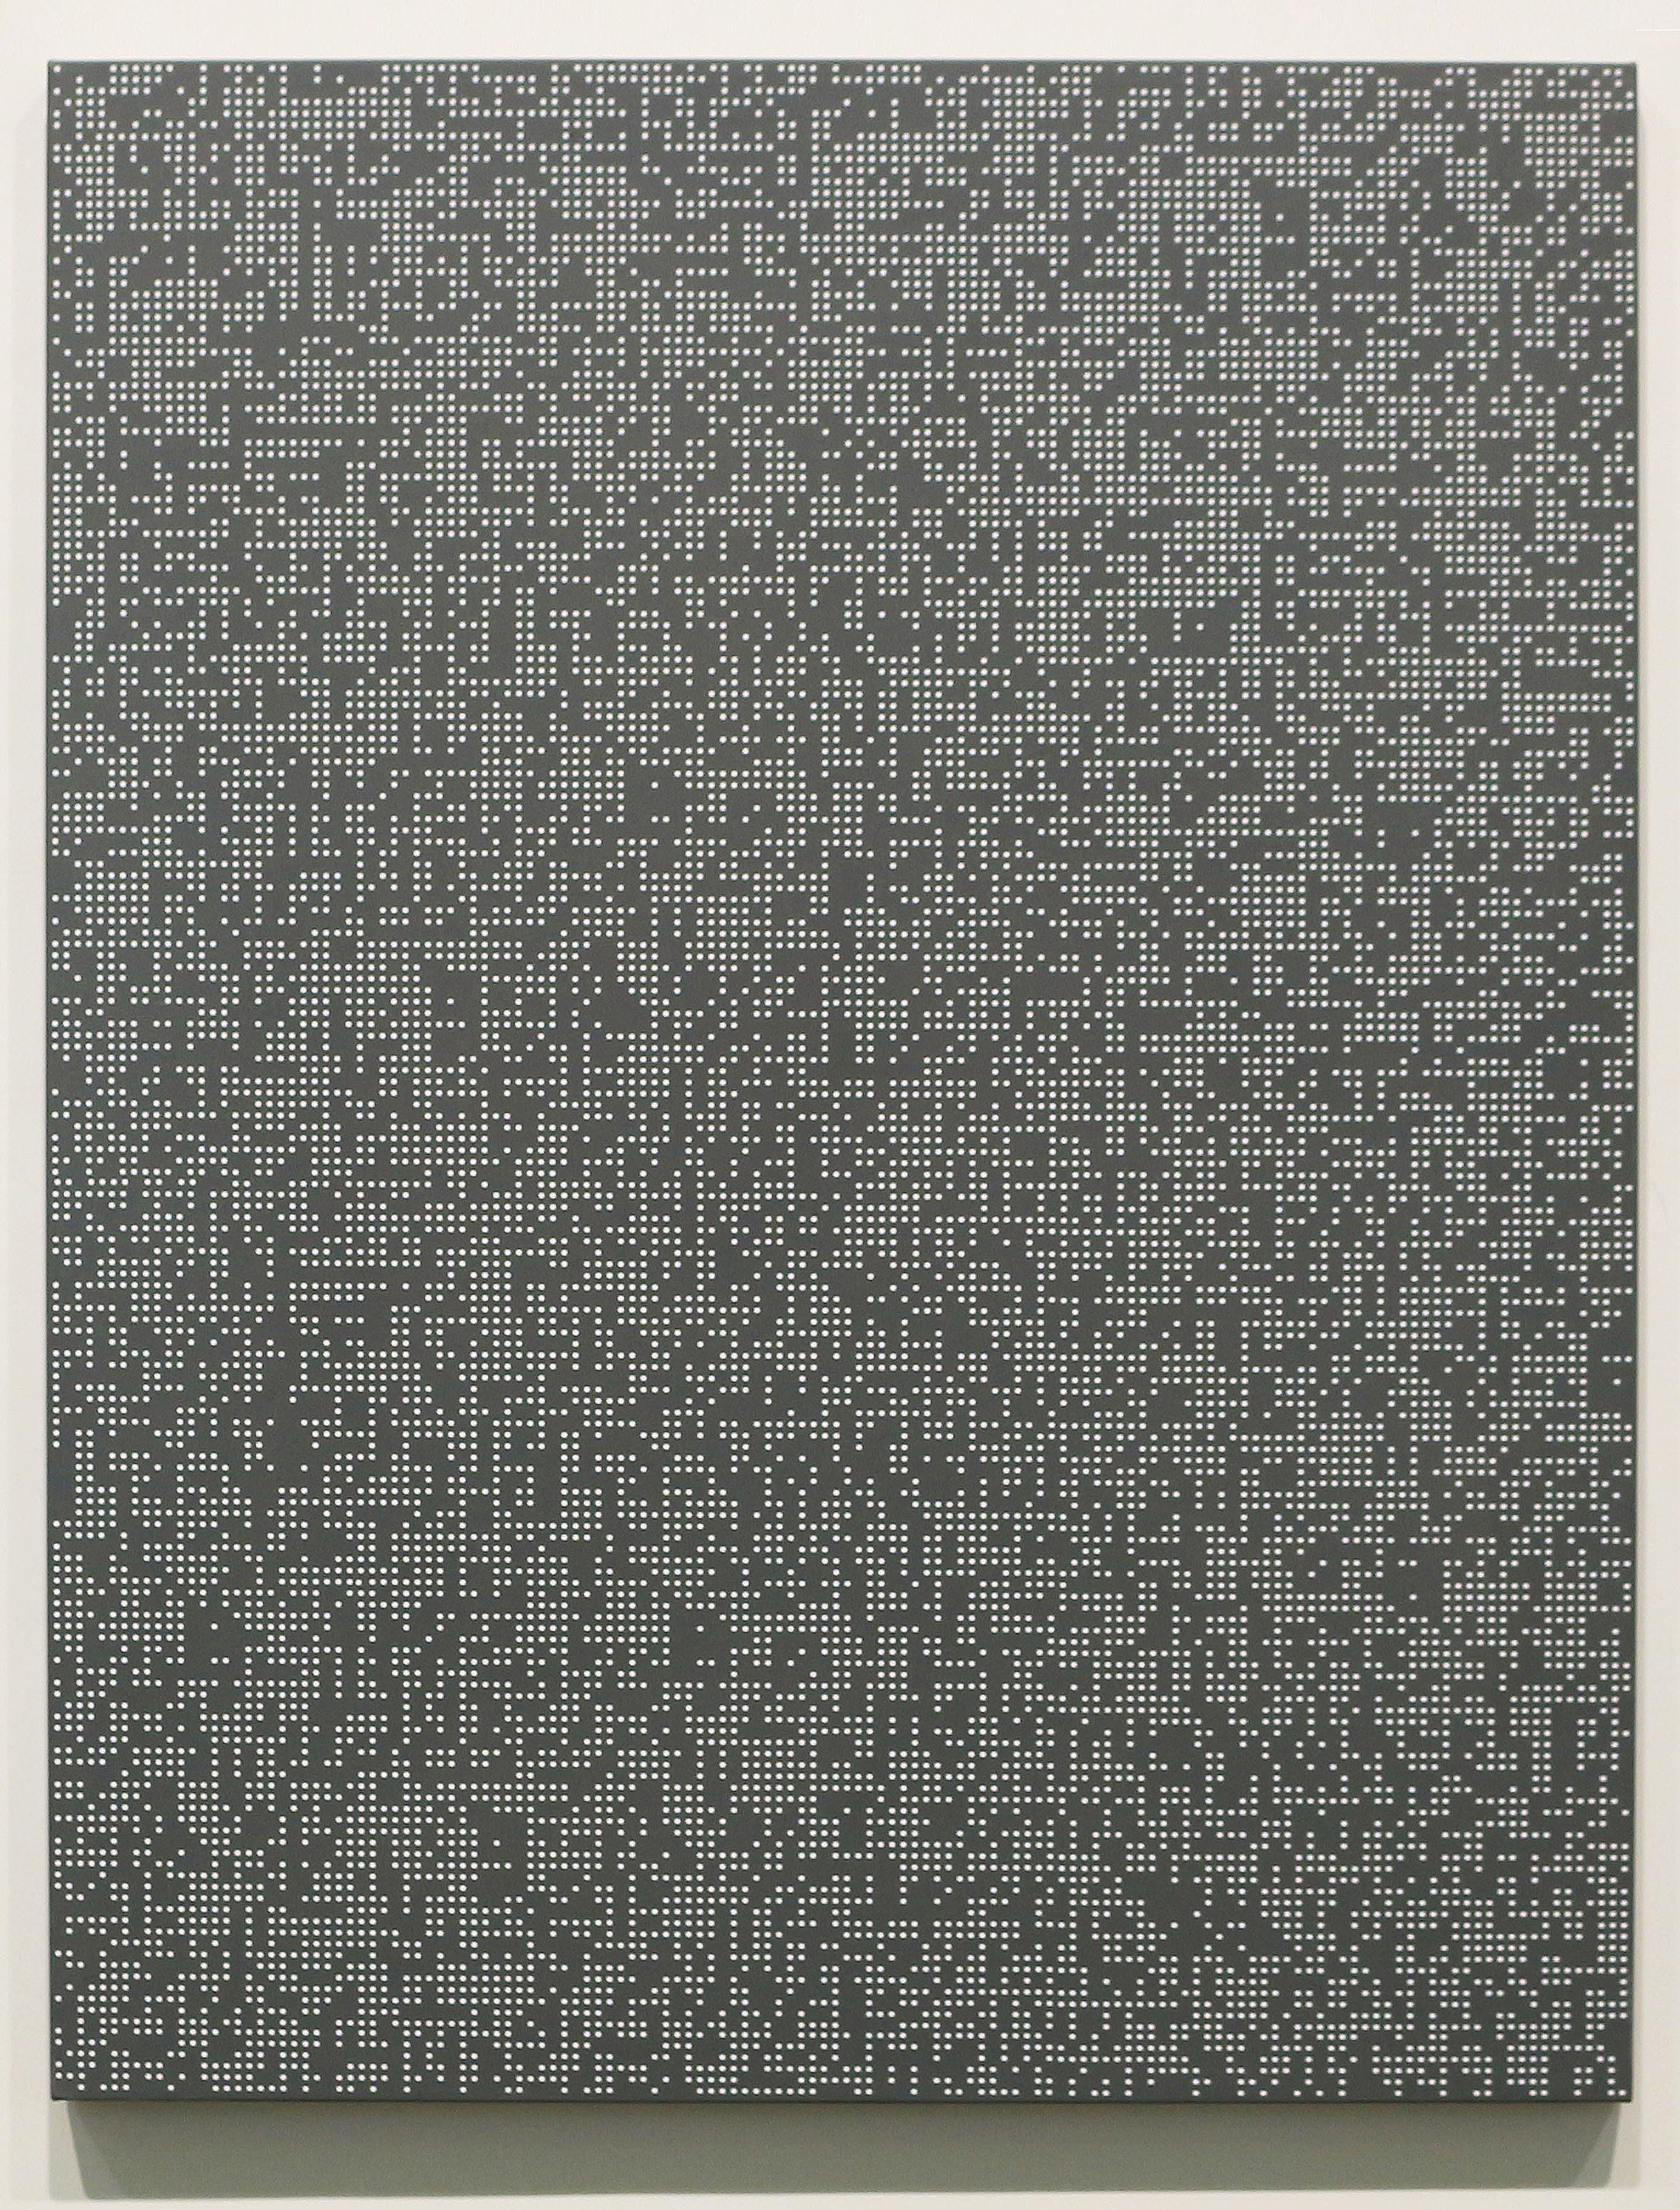 J. PARK_2016 Maze-20165127_Acrylic on canvas_116.8x91cm